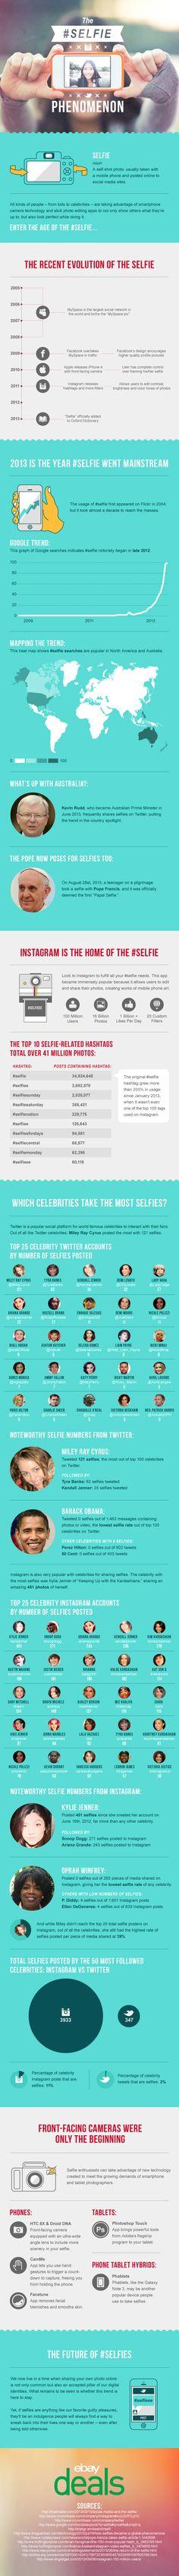 The selfie phenomenon #infographic